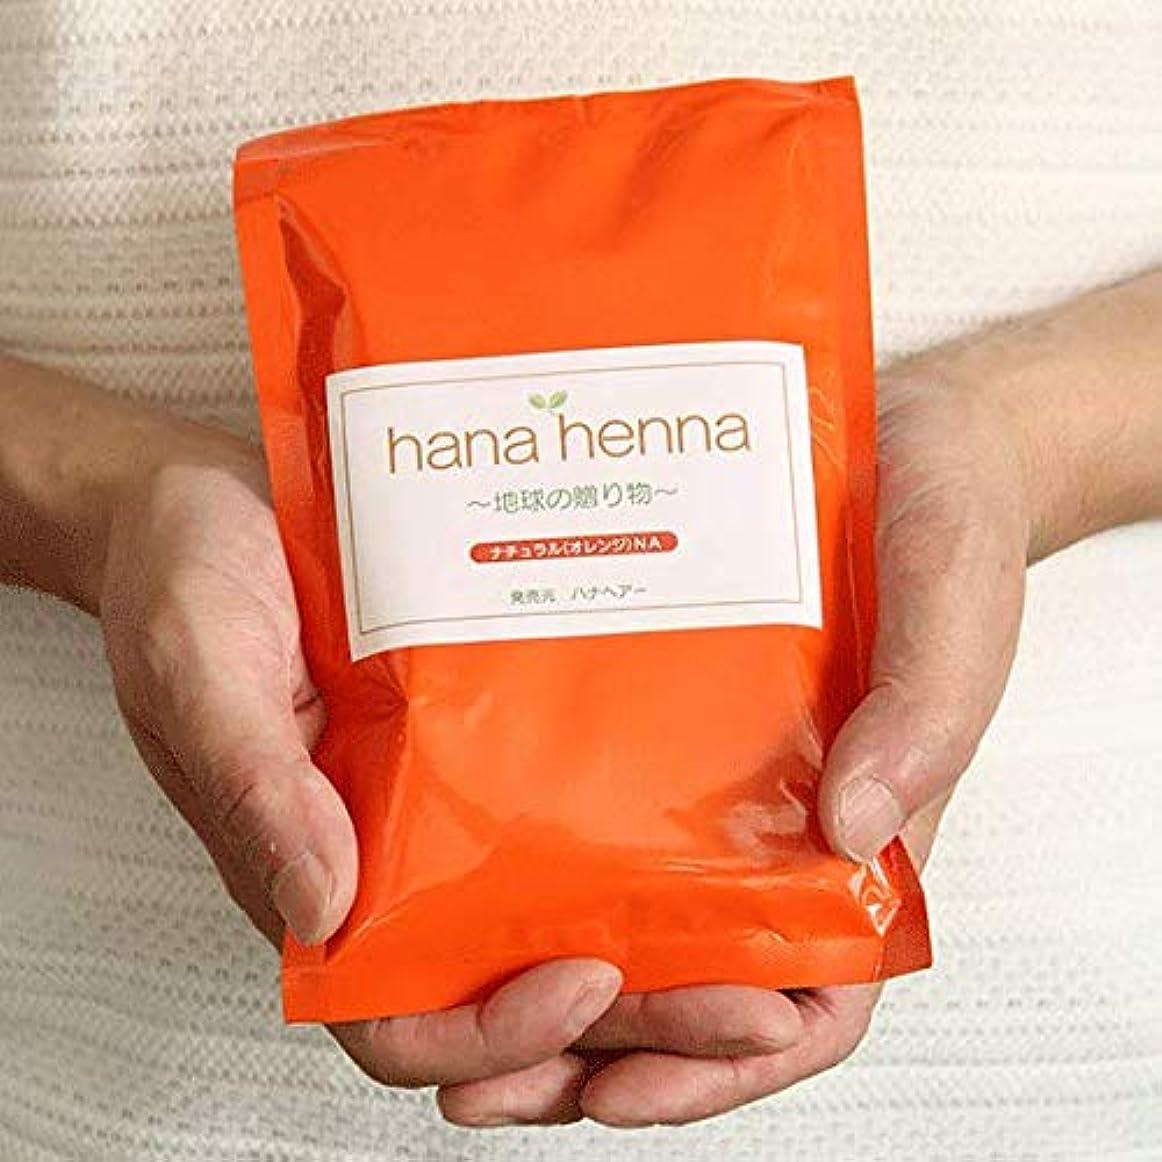 ポスター驚きそれから?hana henna?ハナヘナ ナチュラル(オレンジ) 500g